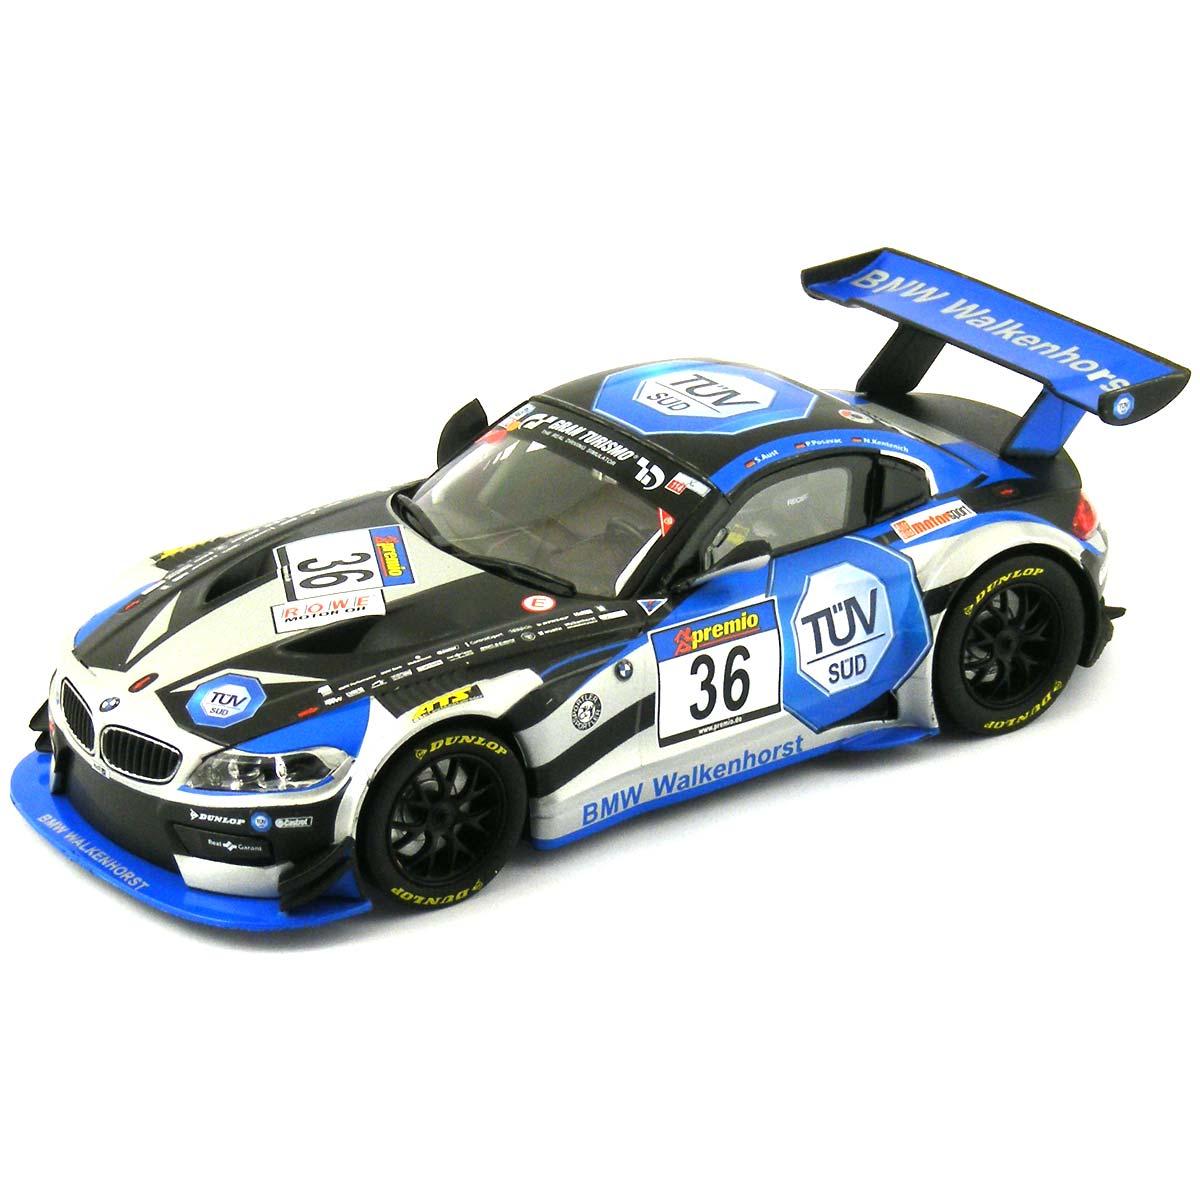 Bmw Z4 Gt3: Carrera BMW Z4 GT3 No.36 Walkenhorst (27479